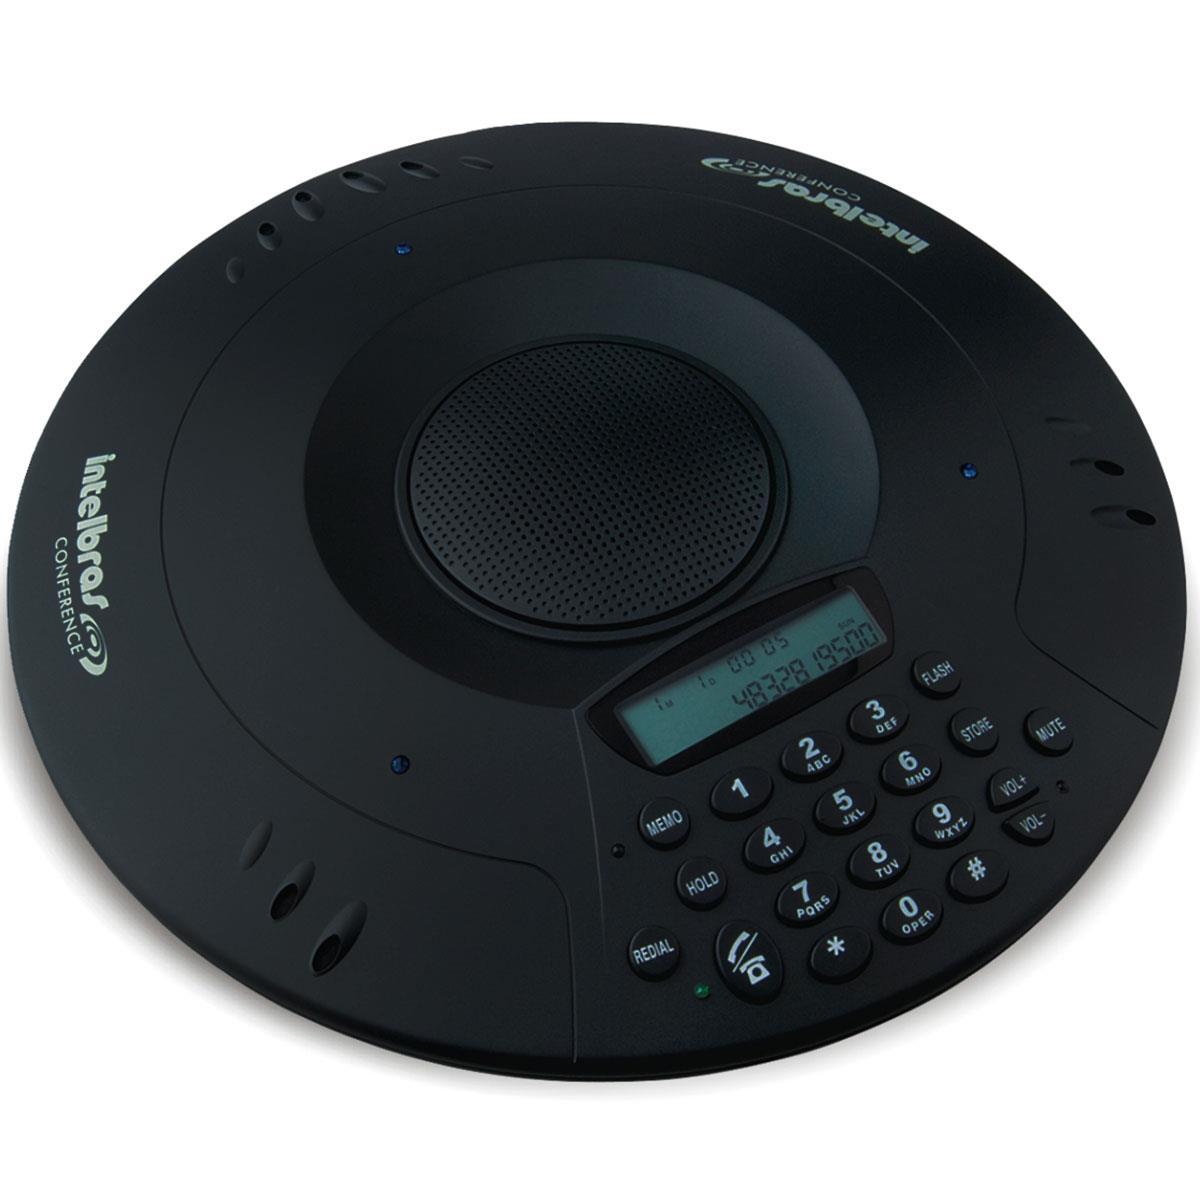 Aparelho de Audioconferência Viva Voz Conference - Intelbras  - ShopNoroeste.com.br